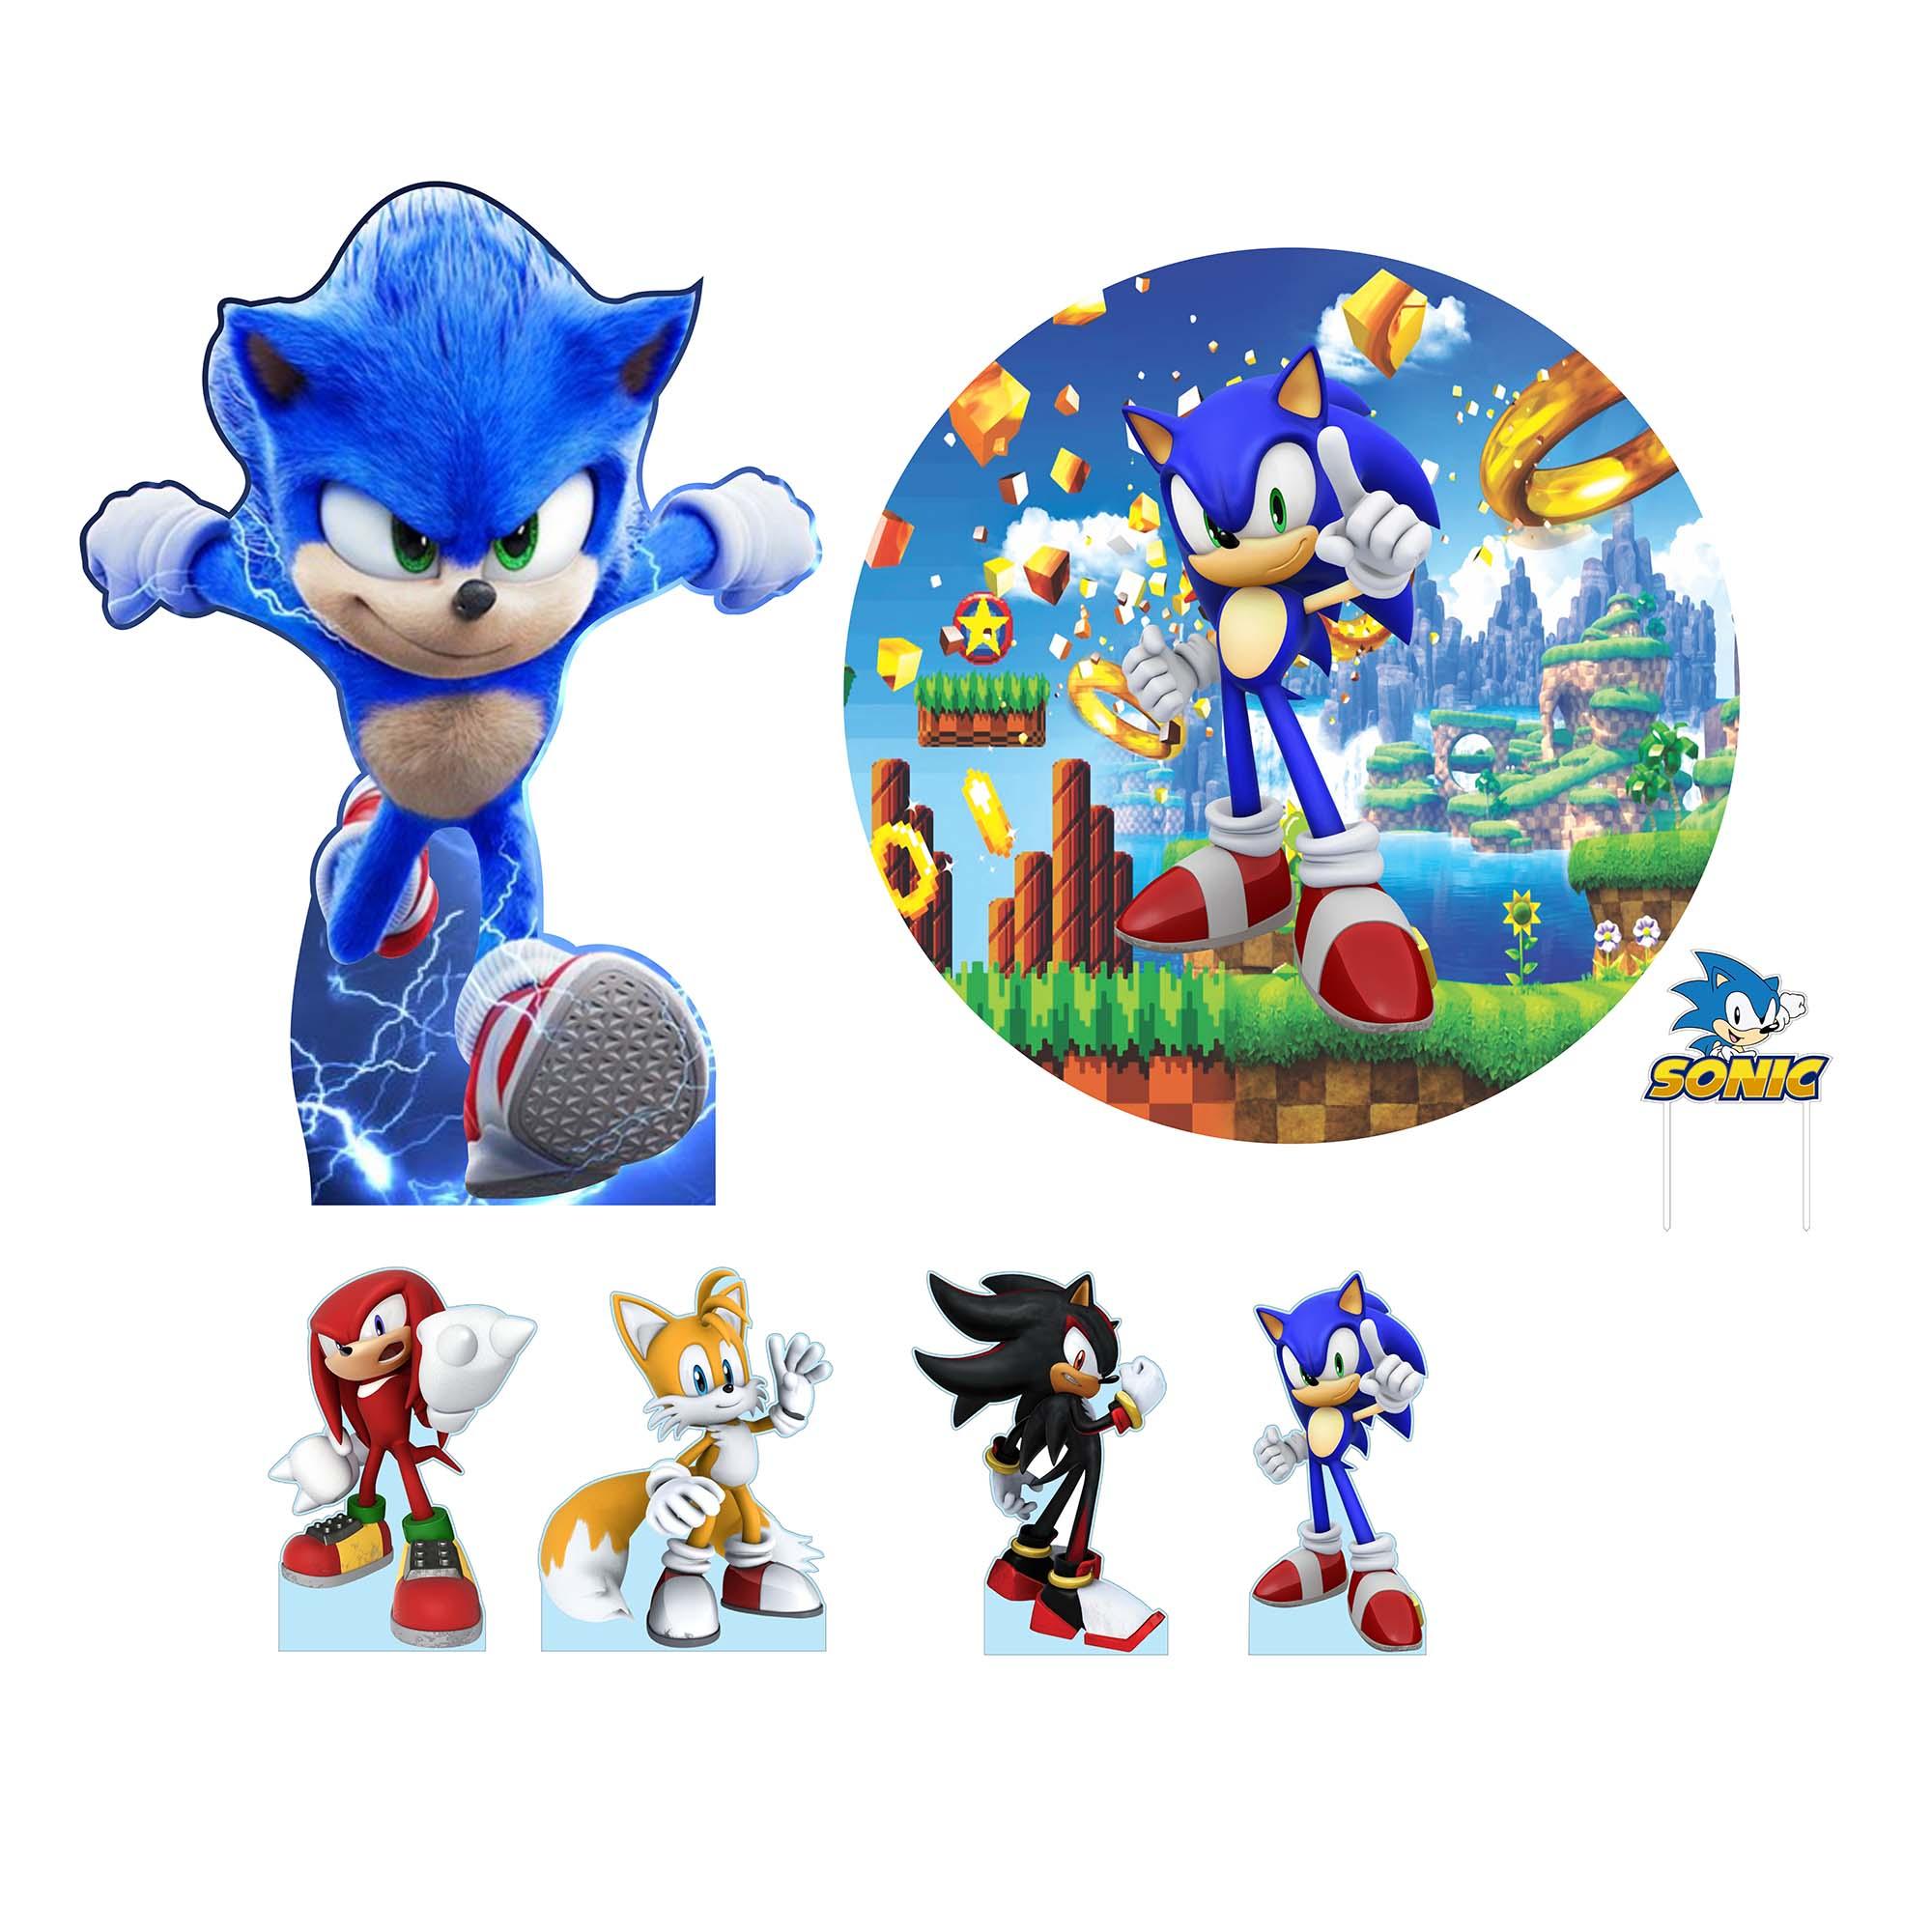 Kit de Festa Sonic